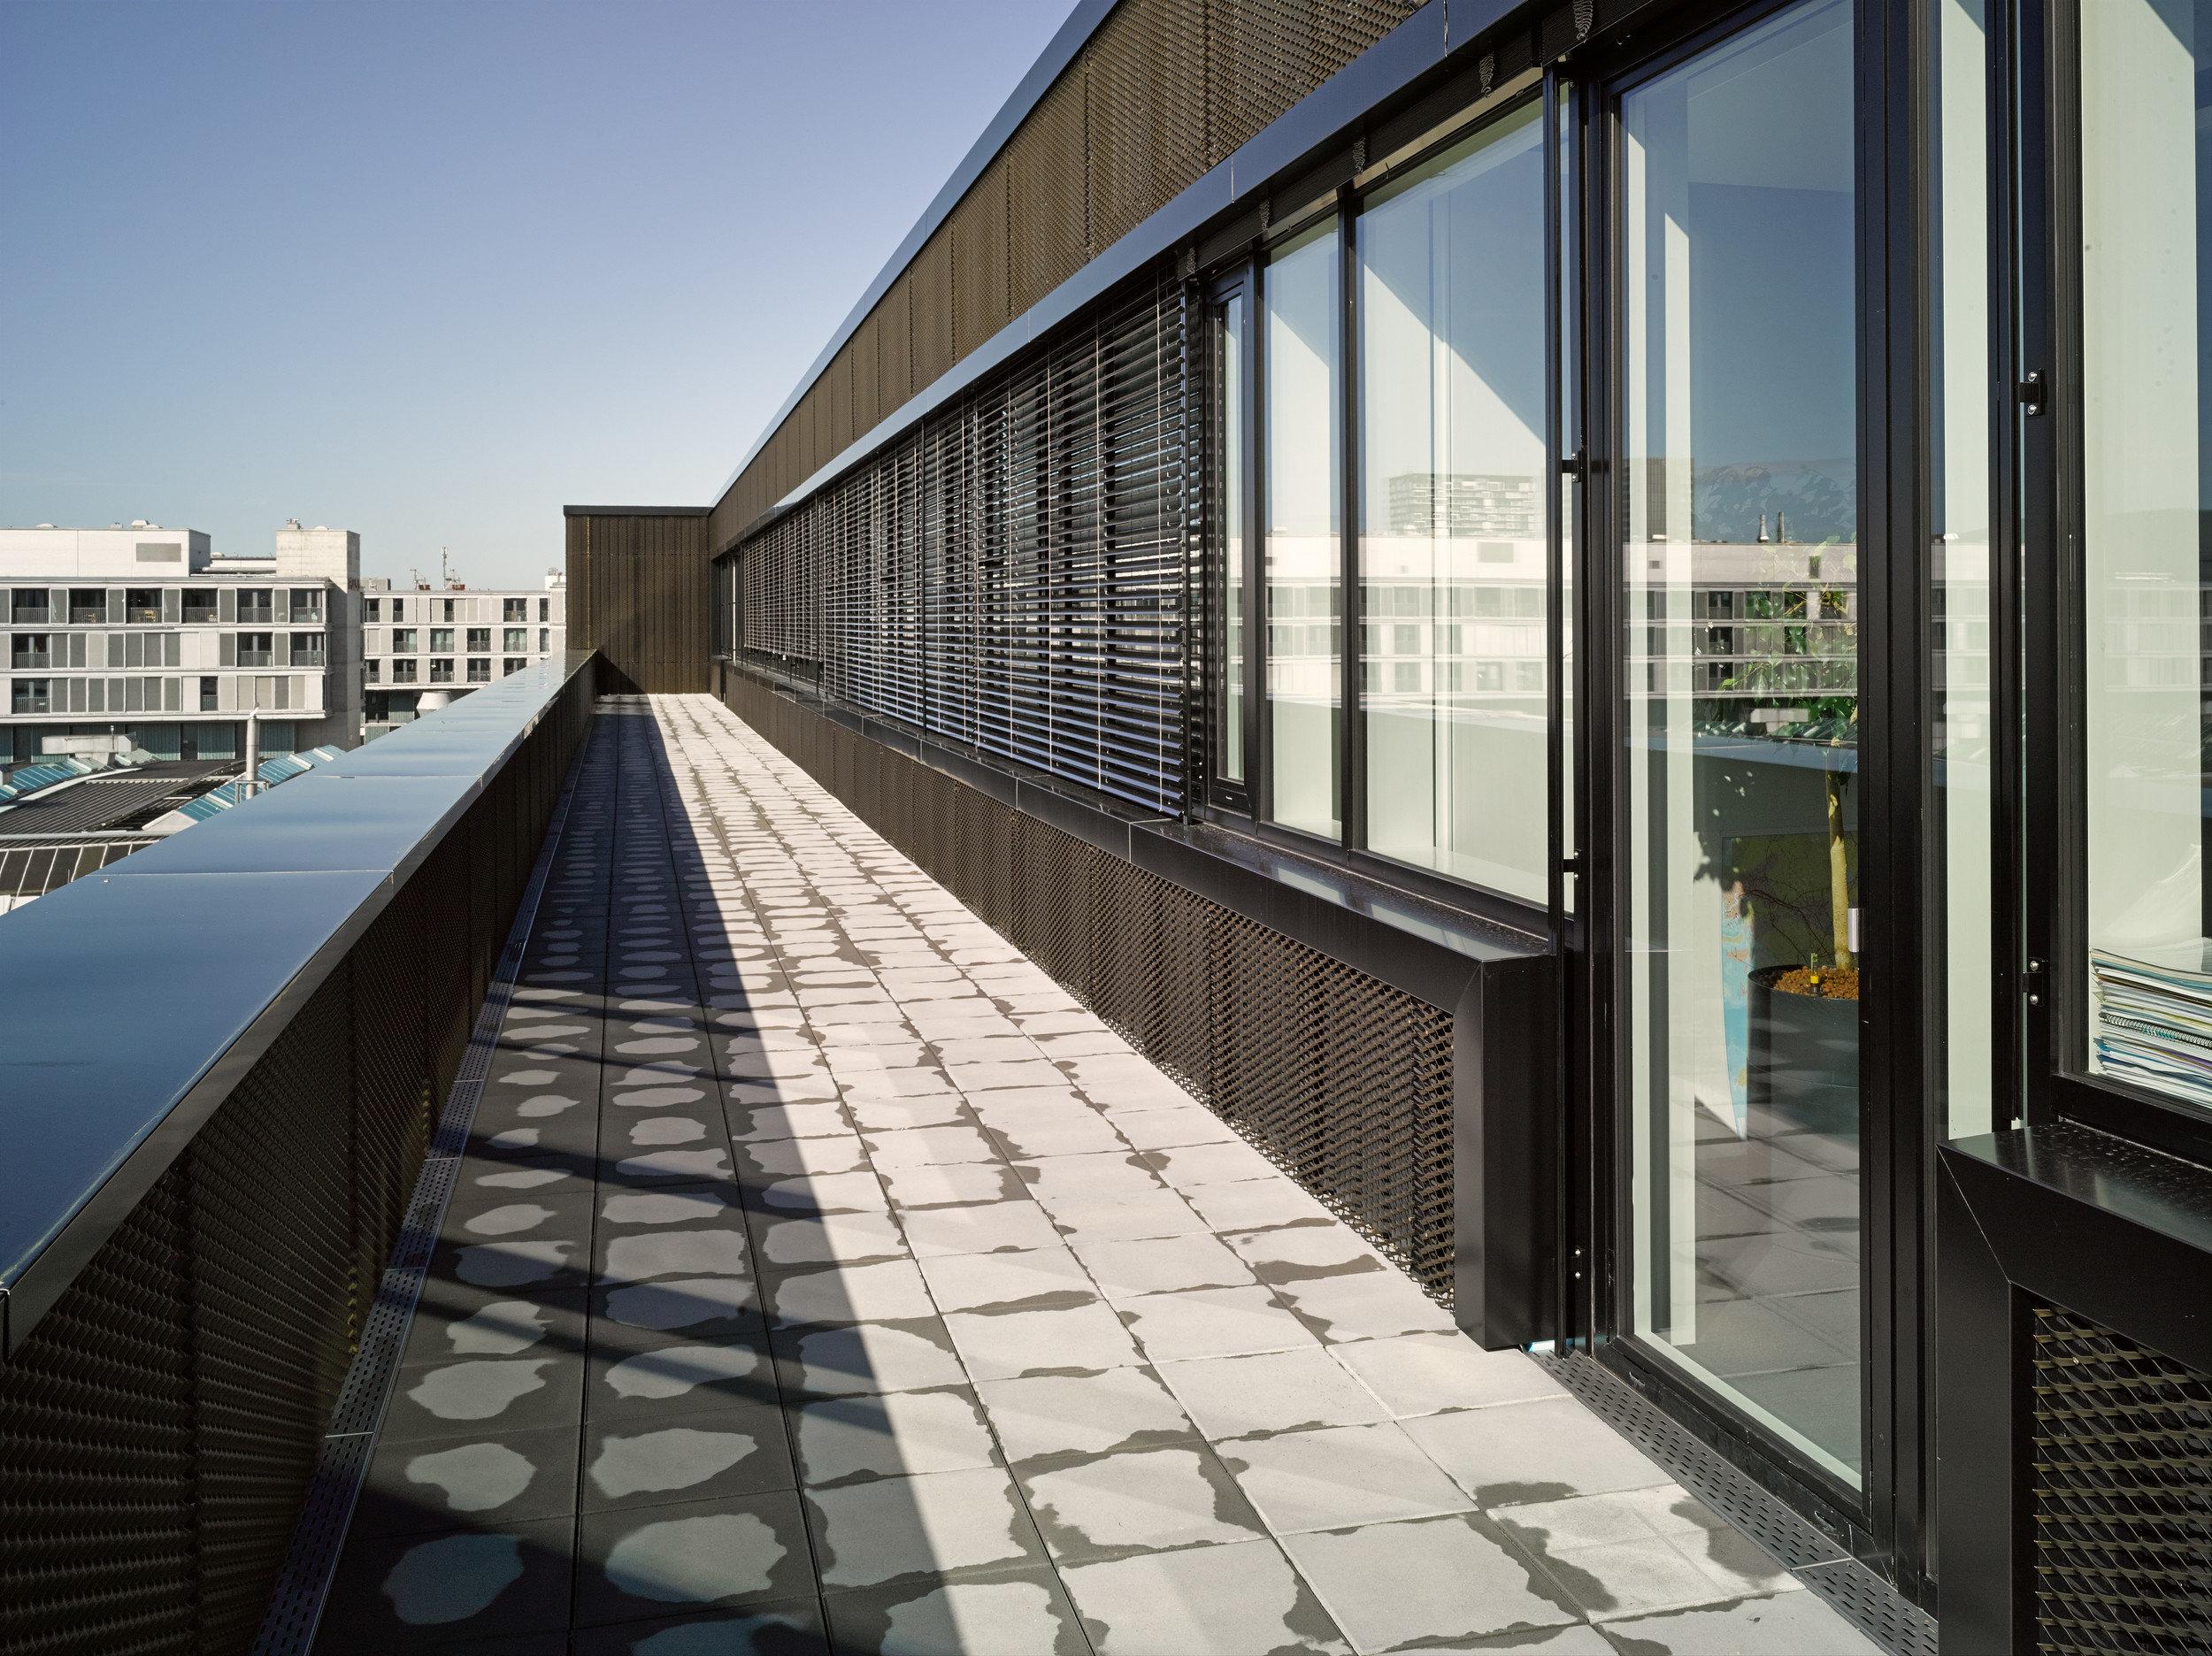 Balkon Gebäude mit direkt aneinander gebauten Fensterelementen